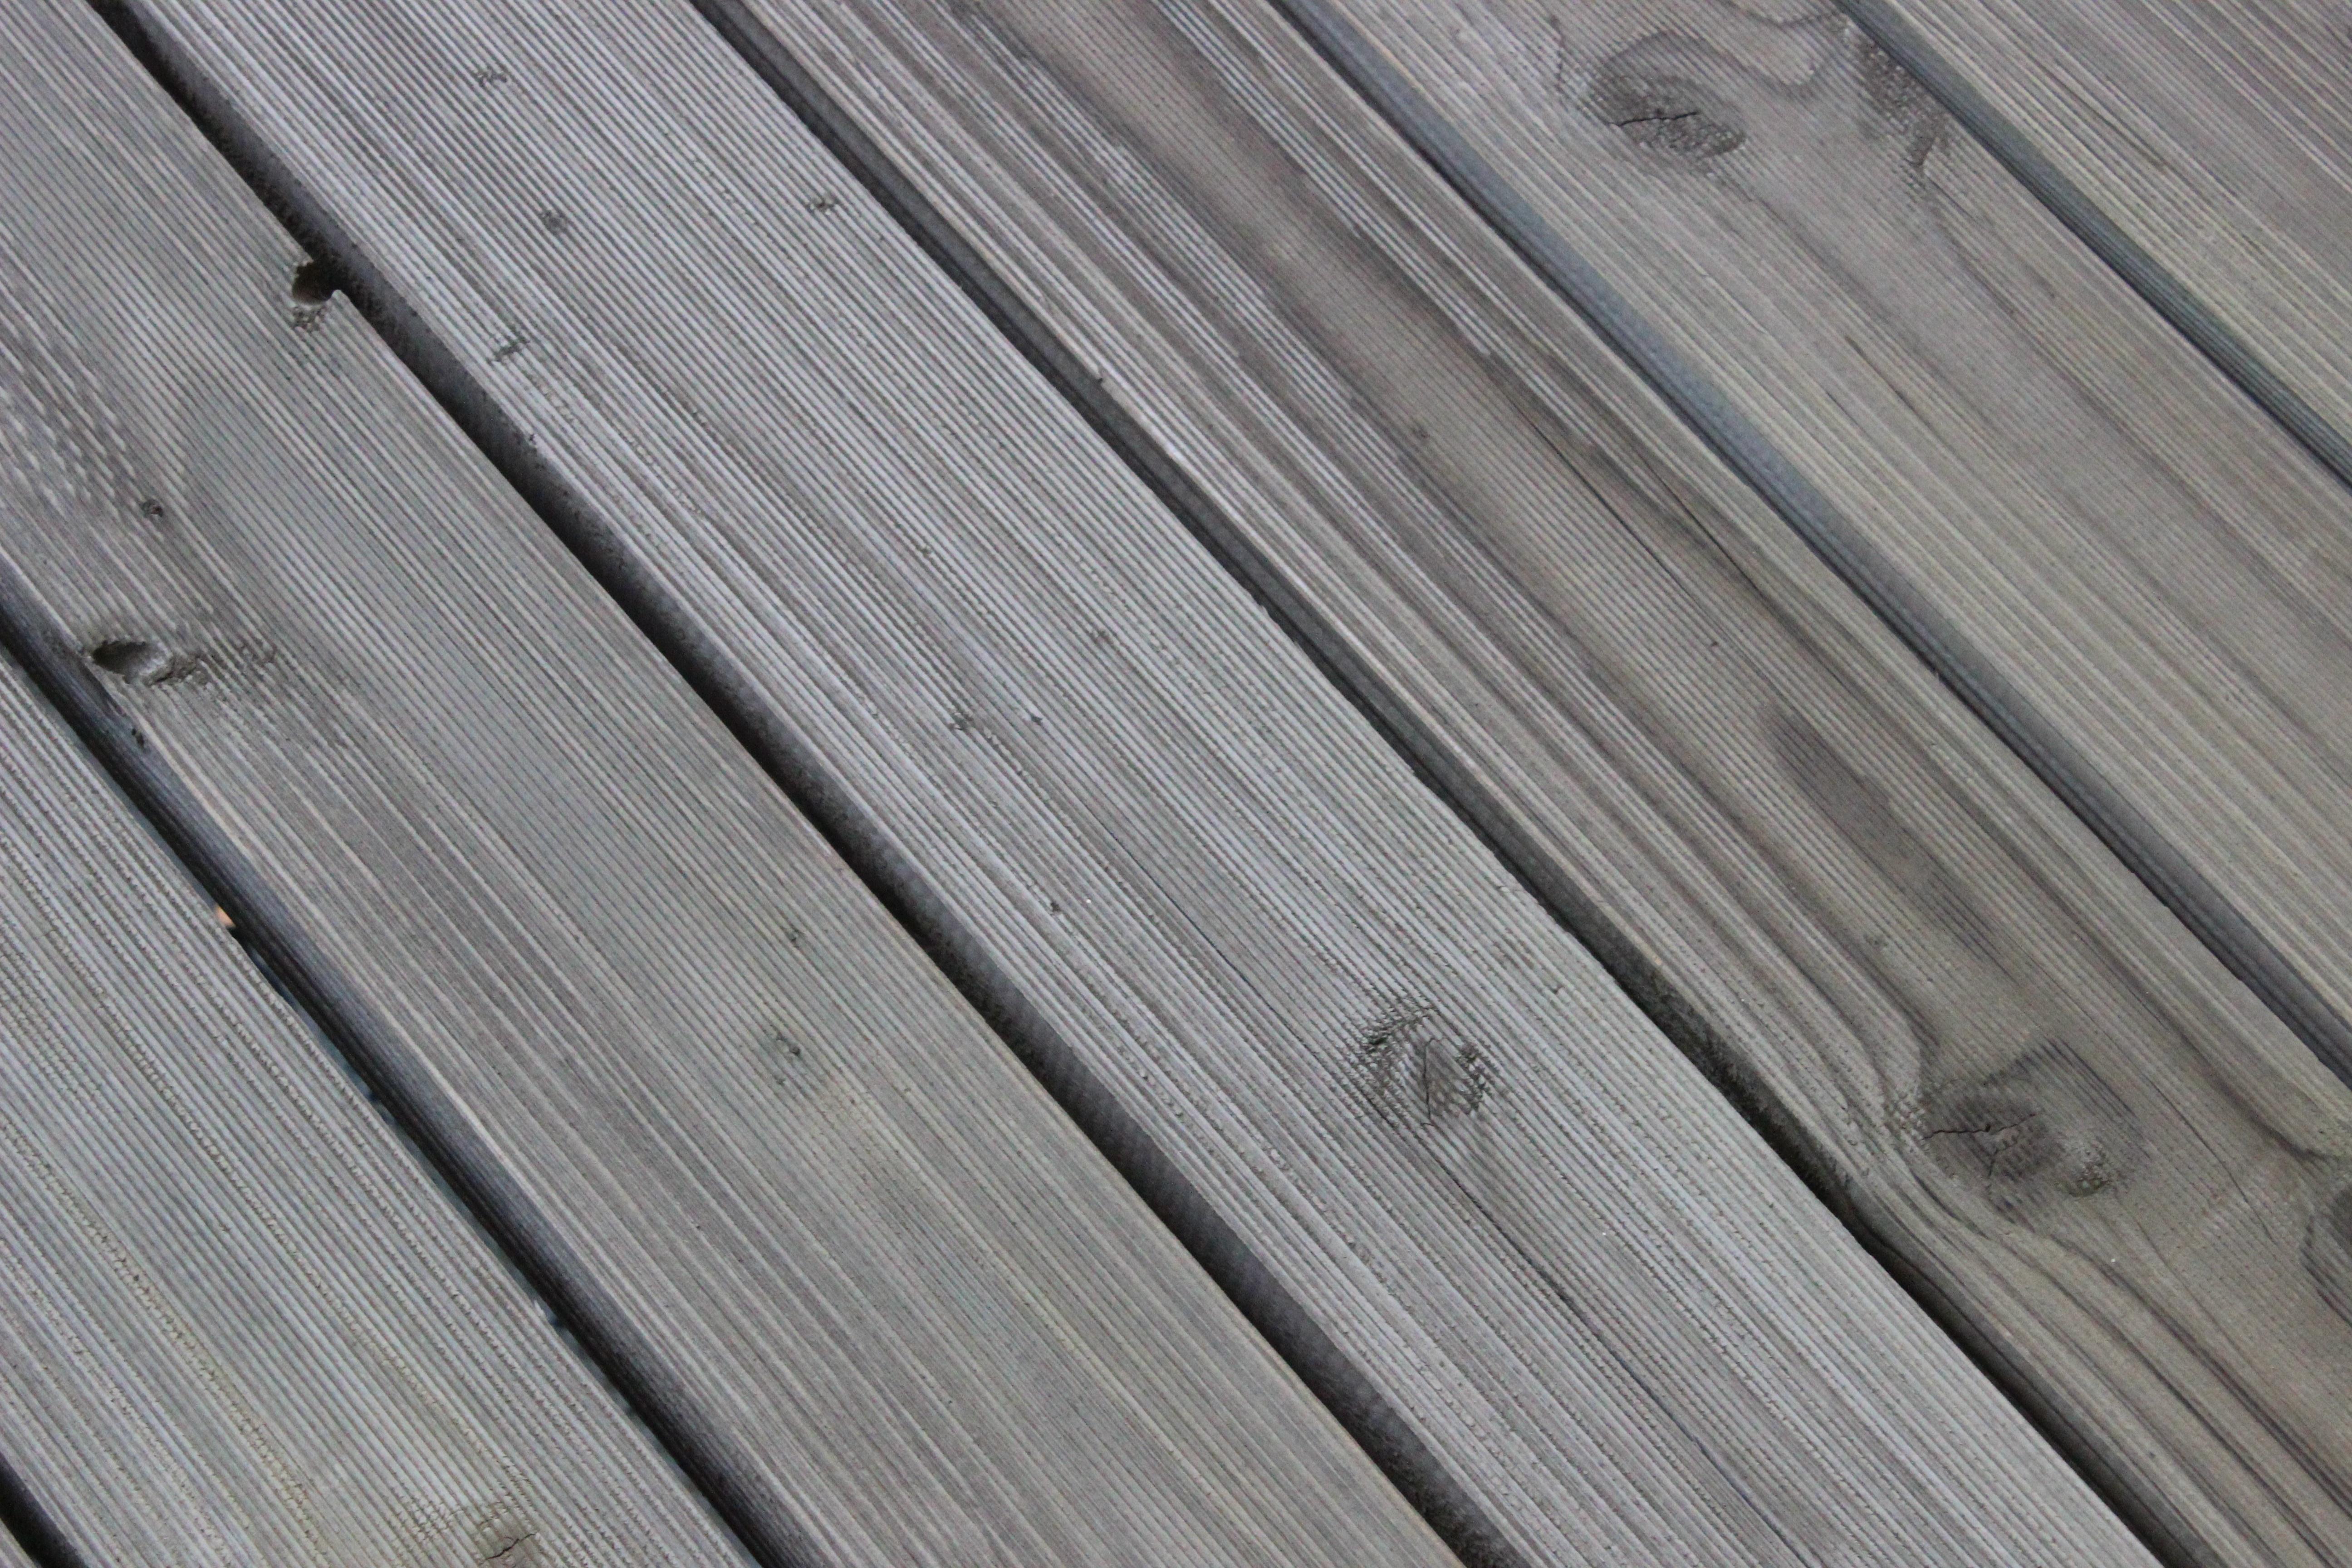 Holz Textur Stock Dach Decke Linie Metall Braun Rau Material Oberfläche  Hartholz Bretter Hölzern Bodenbelag Sperrholz